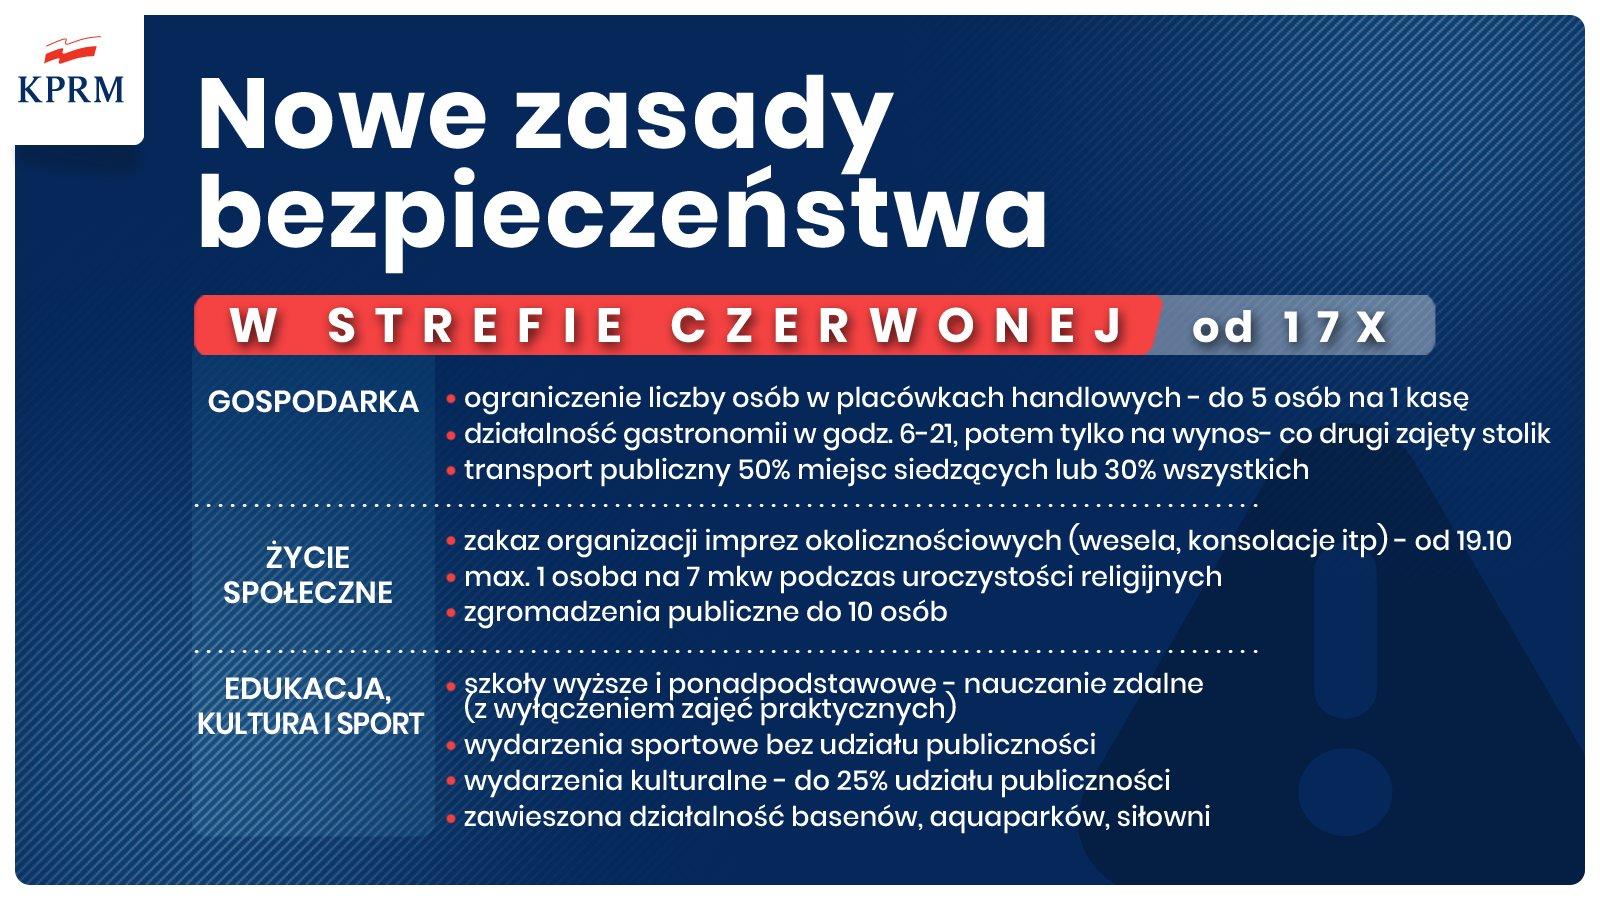 Nowe zasady bezpieczeństwa w strefie czerwonej od 17.10.2020